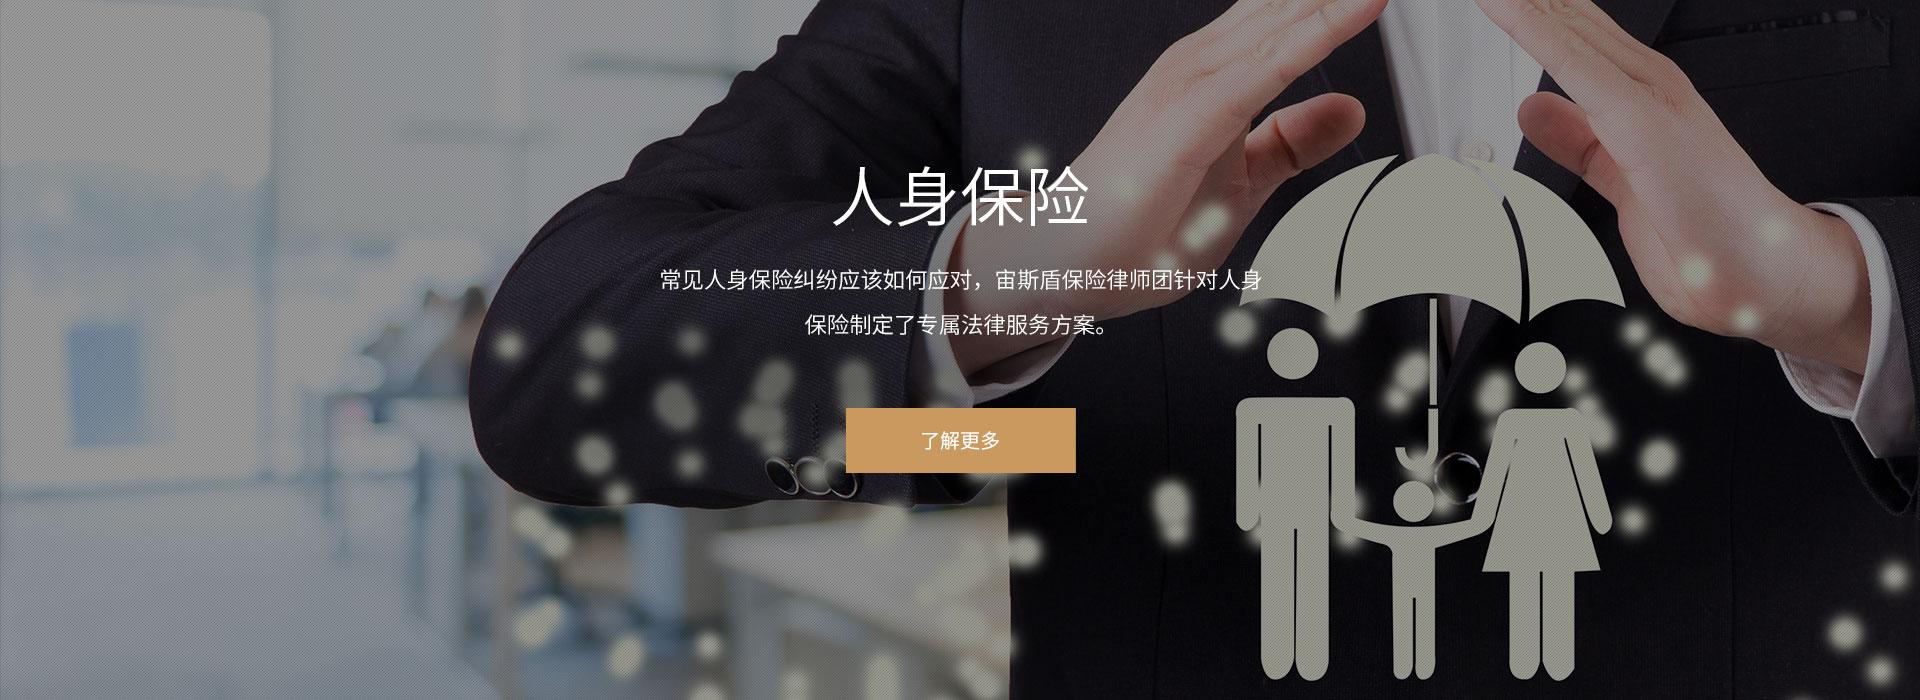 广州专业保险律师范小强